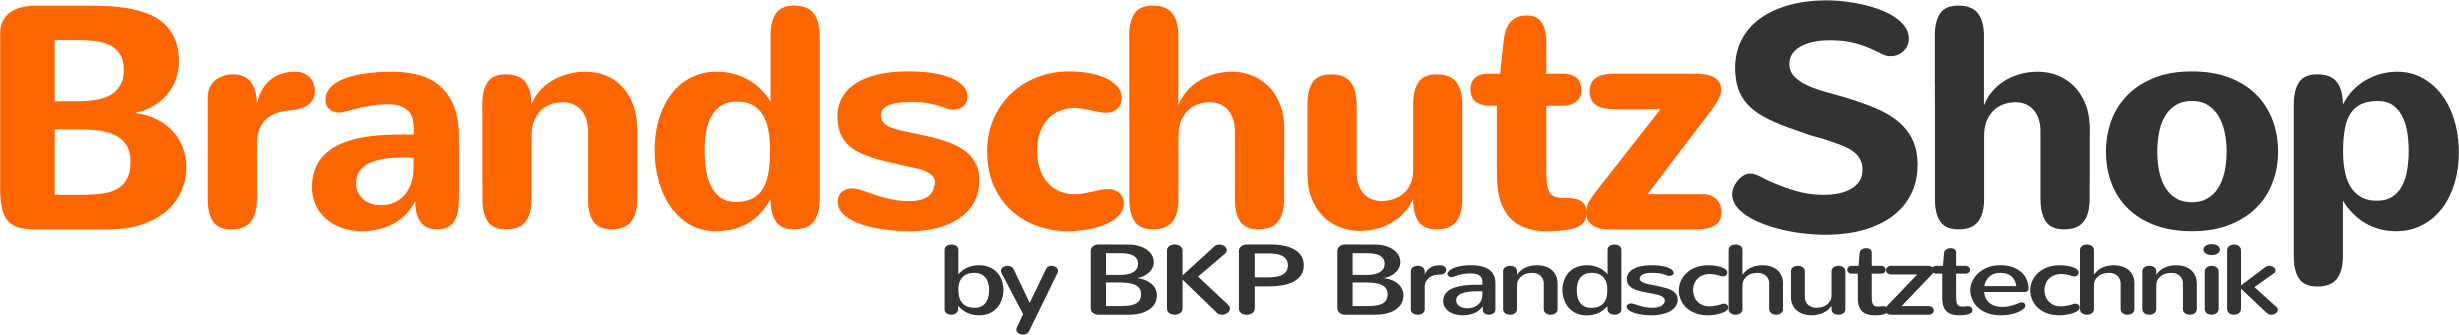 Brandschutz Shop.at-Logo